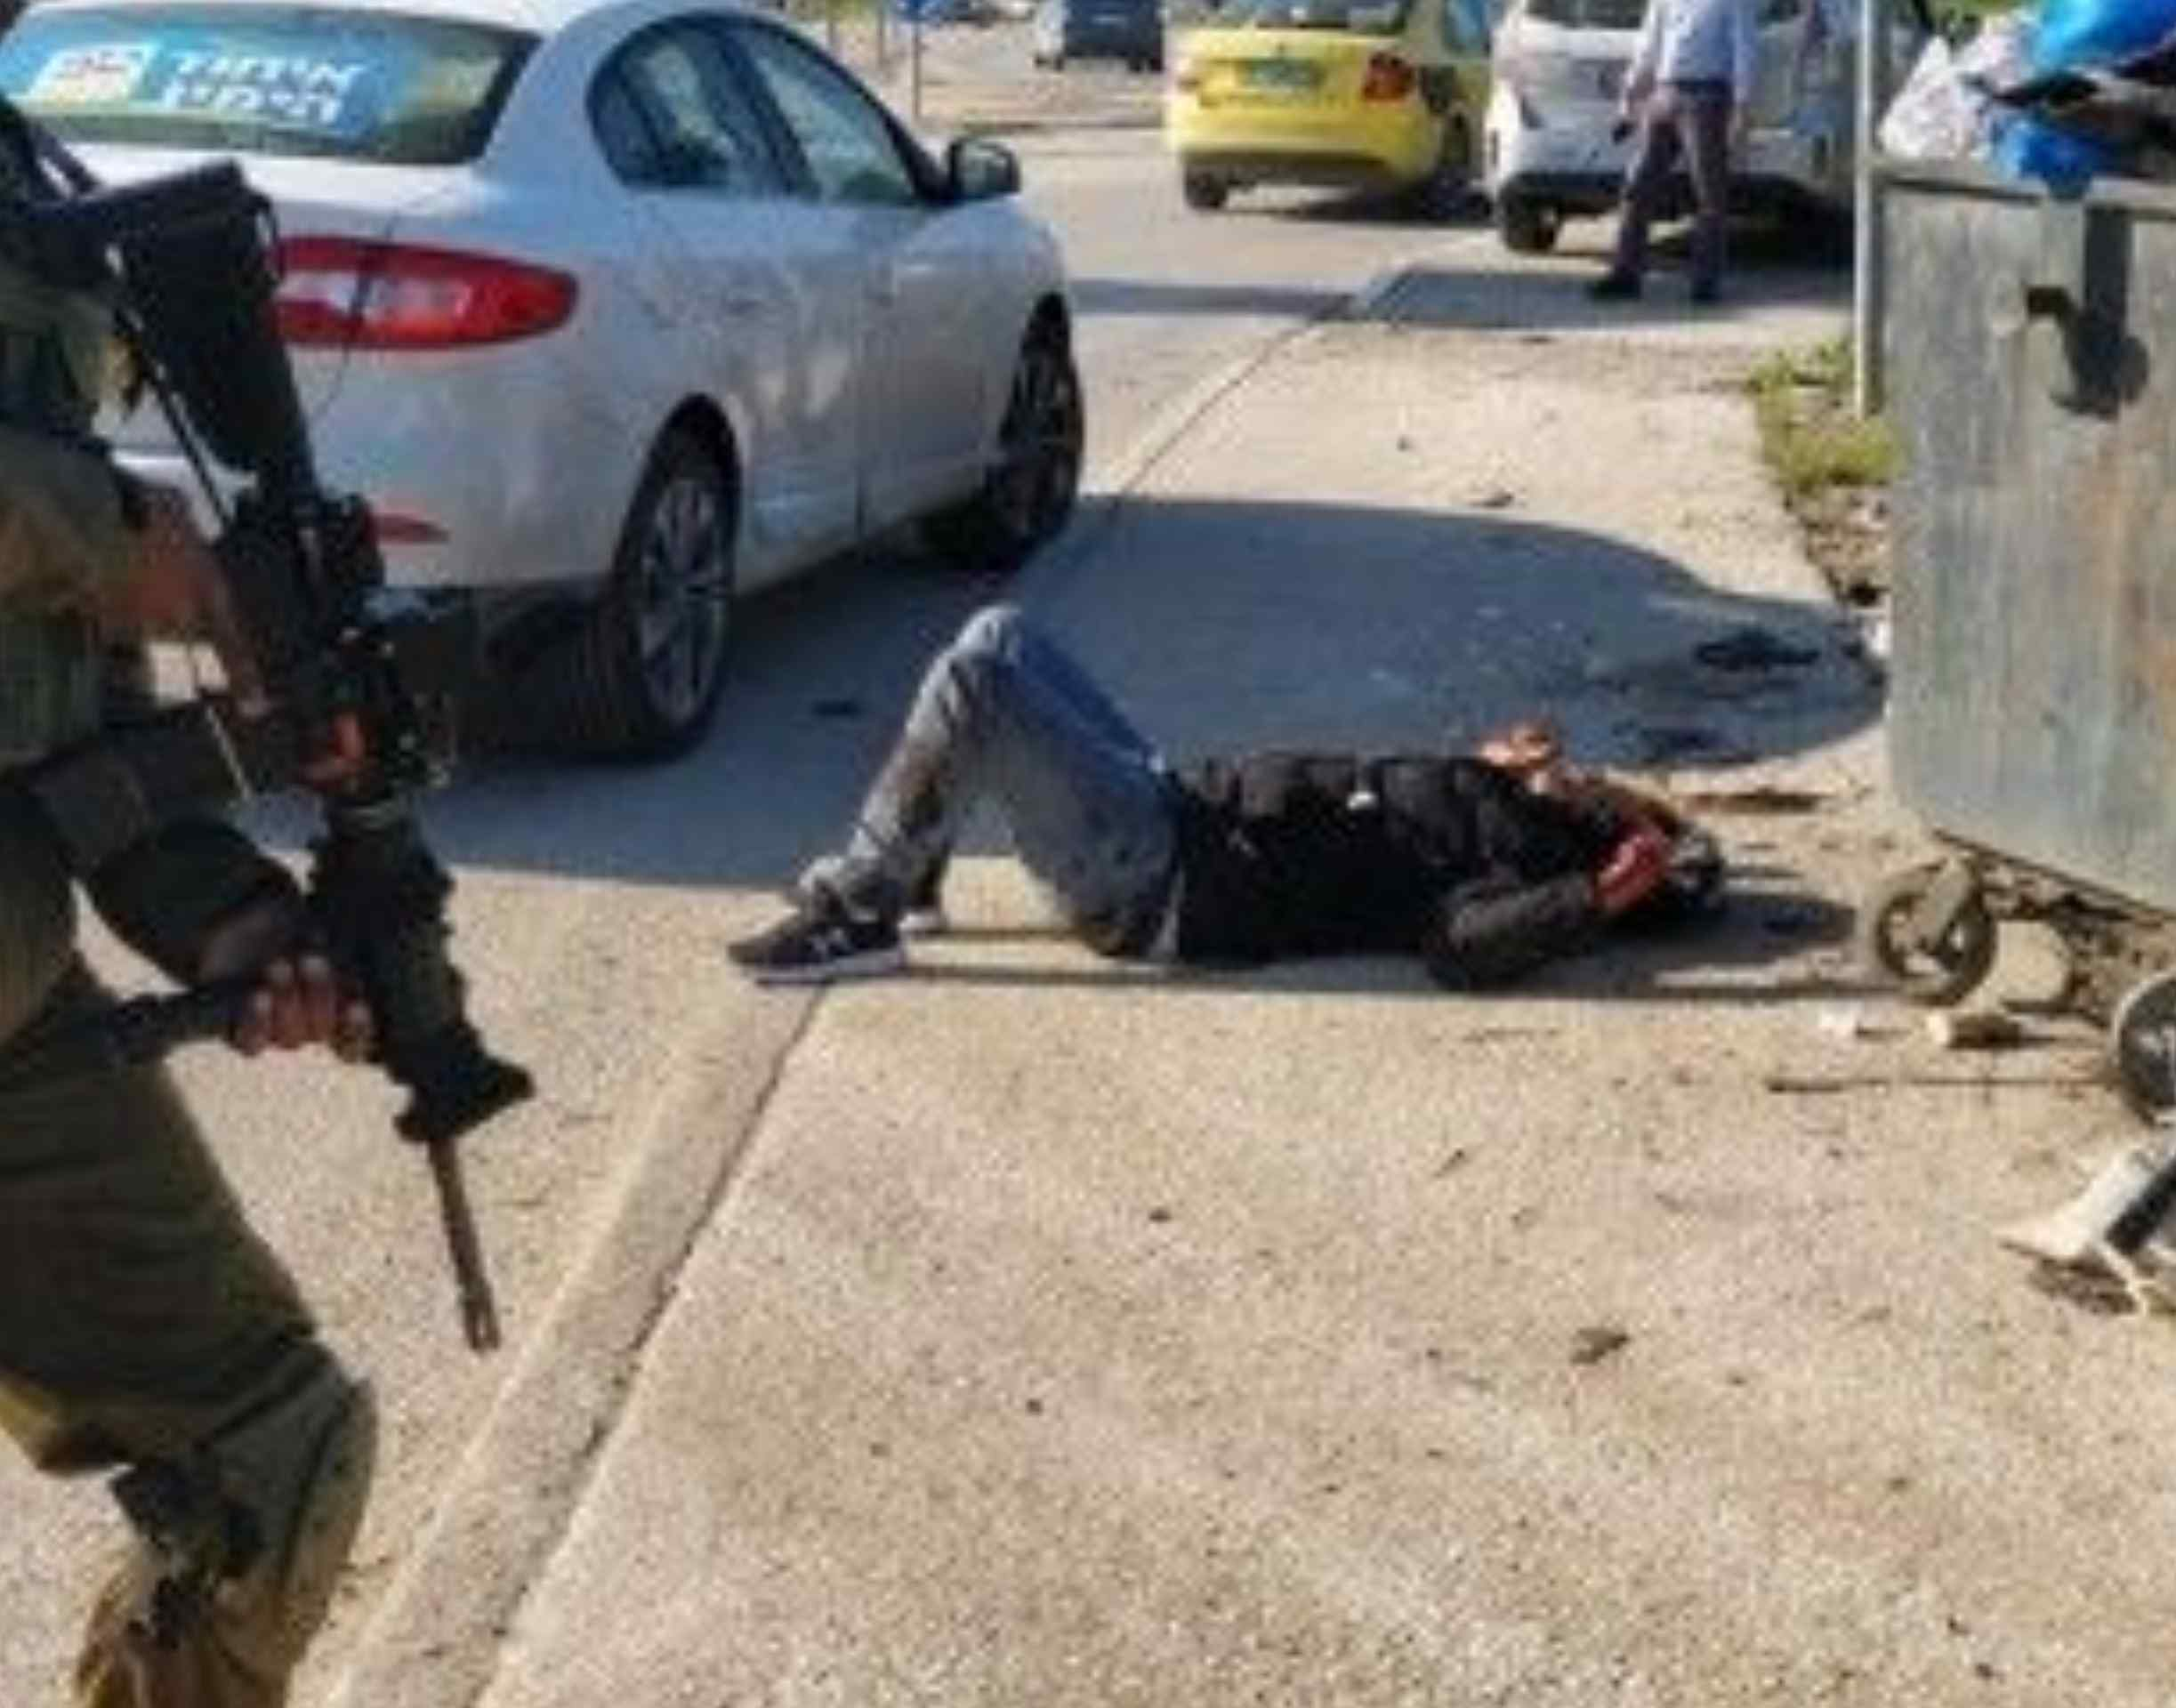 جنود الاحتلال الصهيونيّ يطلقون النار على شاب فلسطيني جنوب نابلس